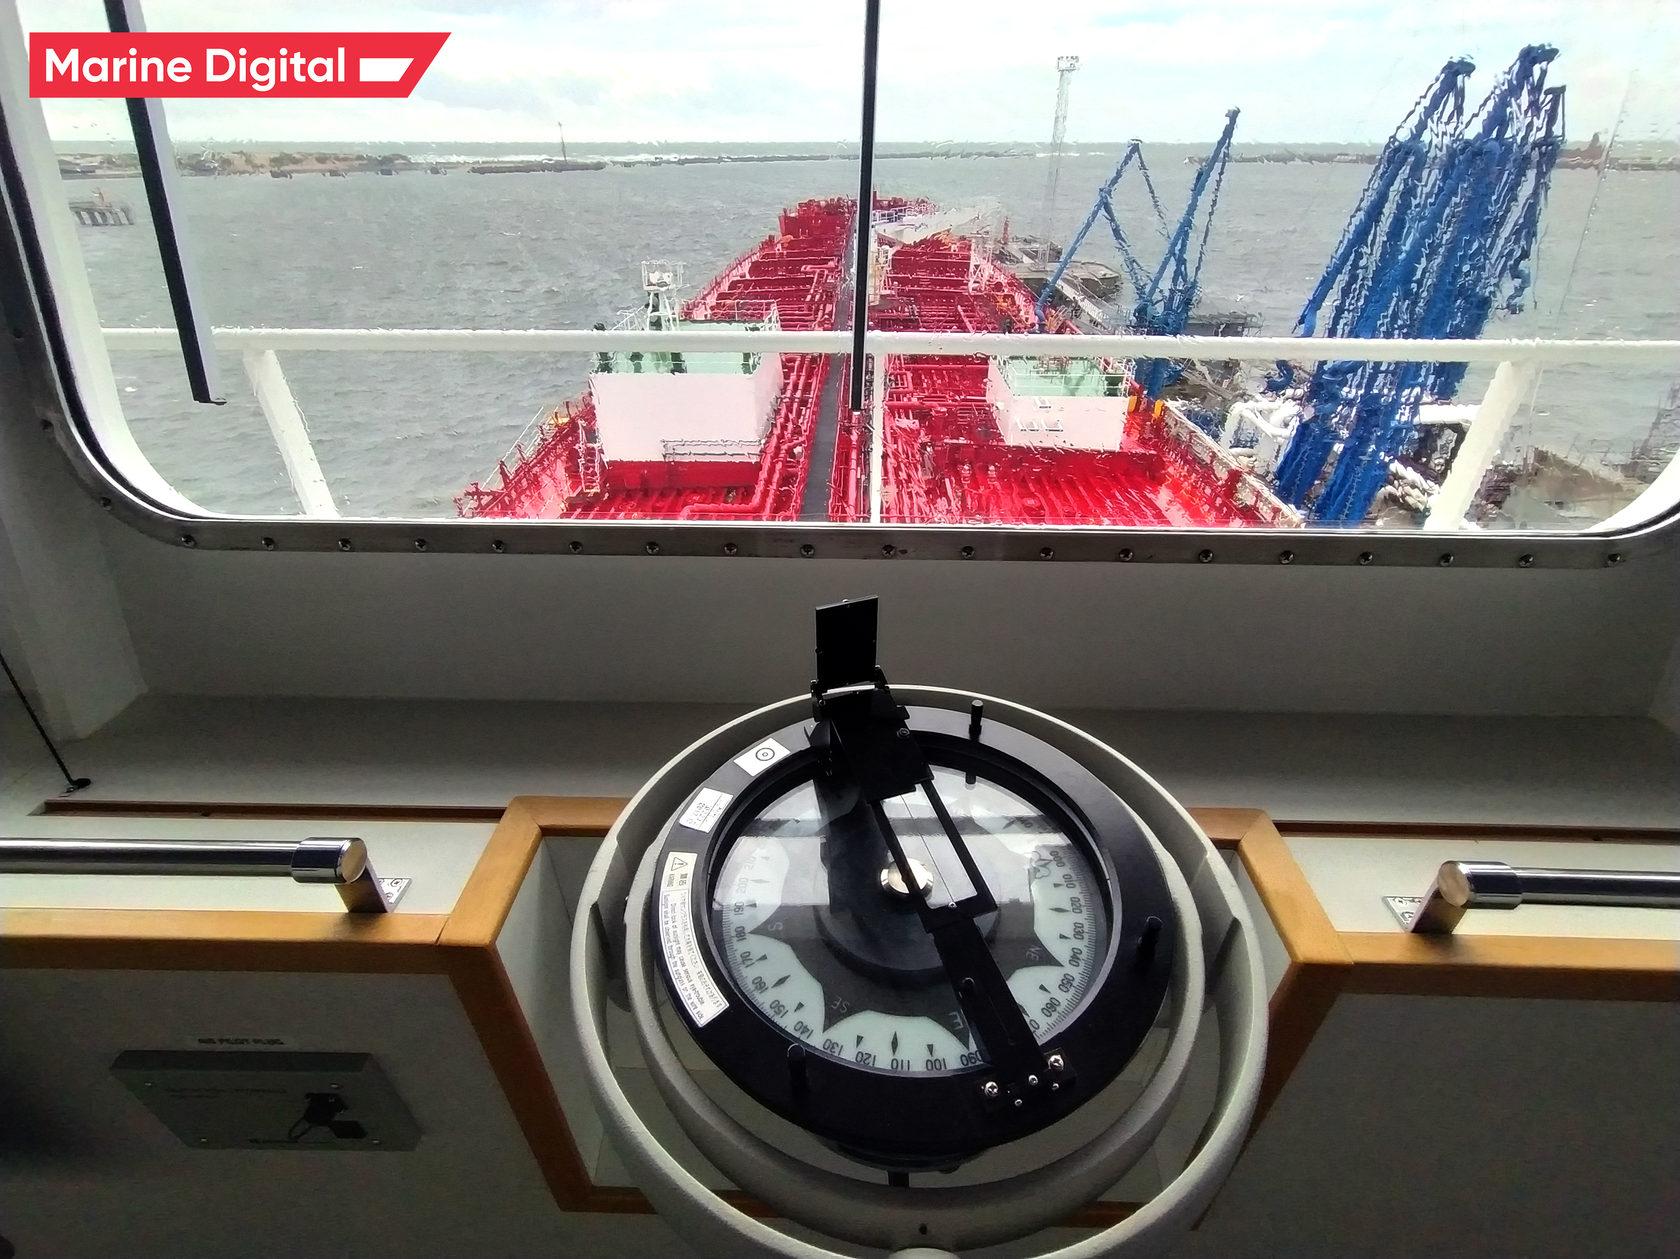 Оптимизация маршрута судна